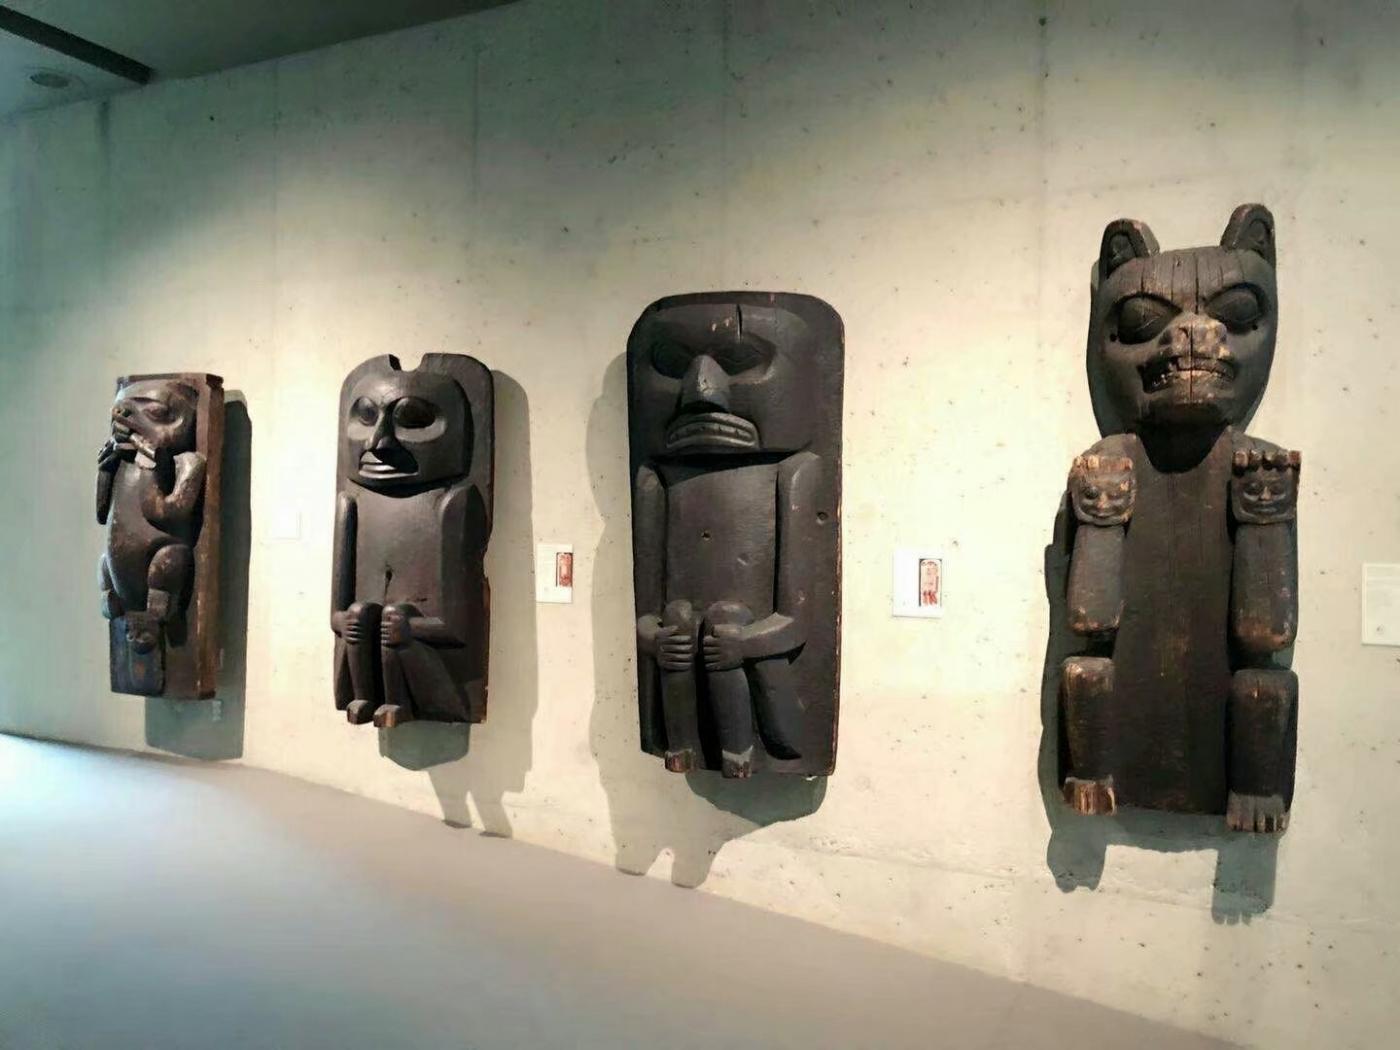 哥伦比亚人类学博物馆一瞥(图)_图1-3